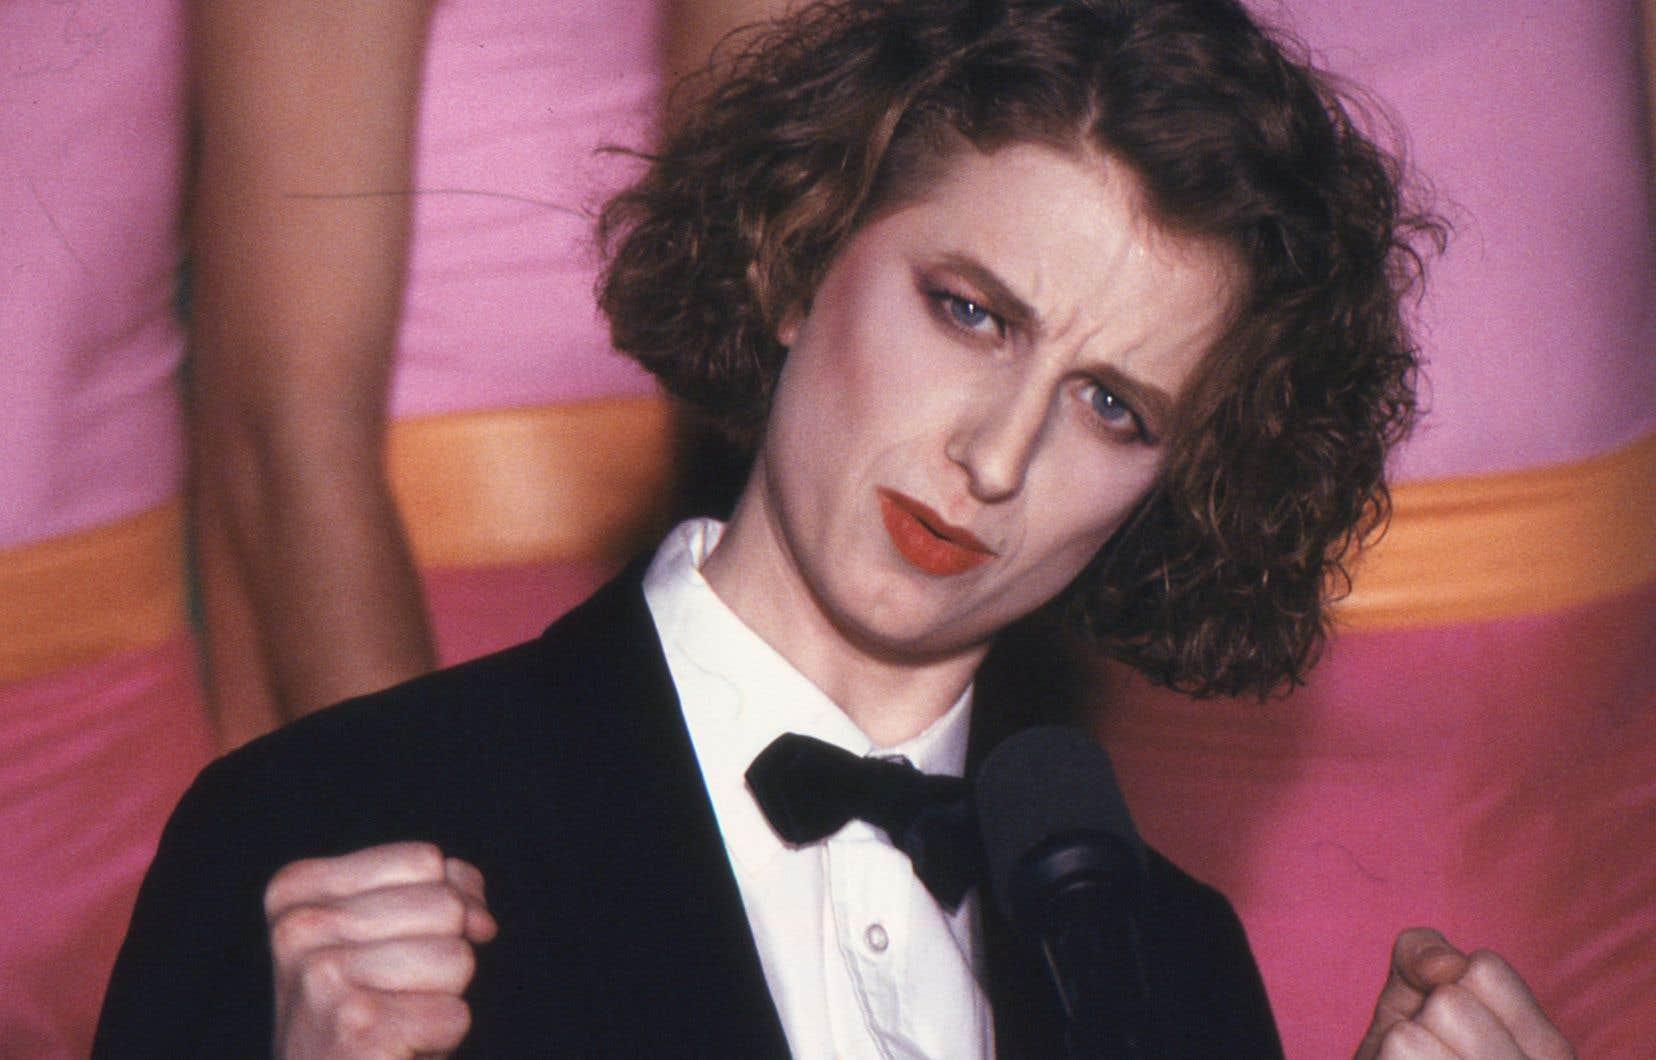 Chantal Francke raconte avoir insisté pour que ses camarades masculins ne cabotinent pas durant sa parodie du clip «Simply Irresistible»(devenu «Je suis une irréductible») de Robert Palmer, qui chantait devant un décor de jeunes femmes aux regards vitreux.